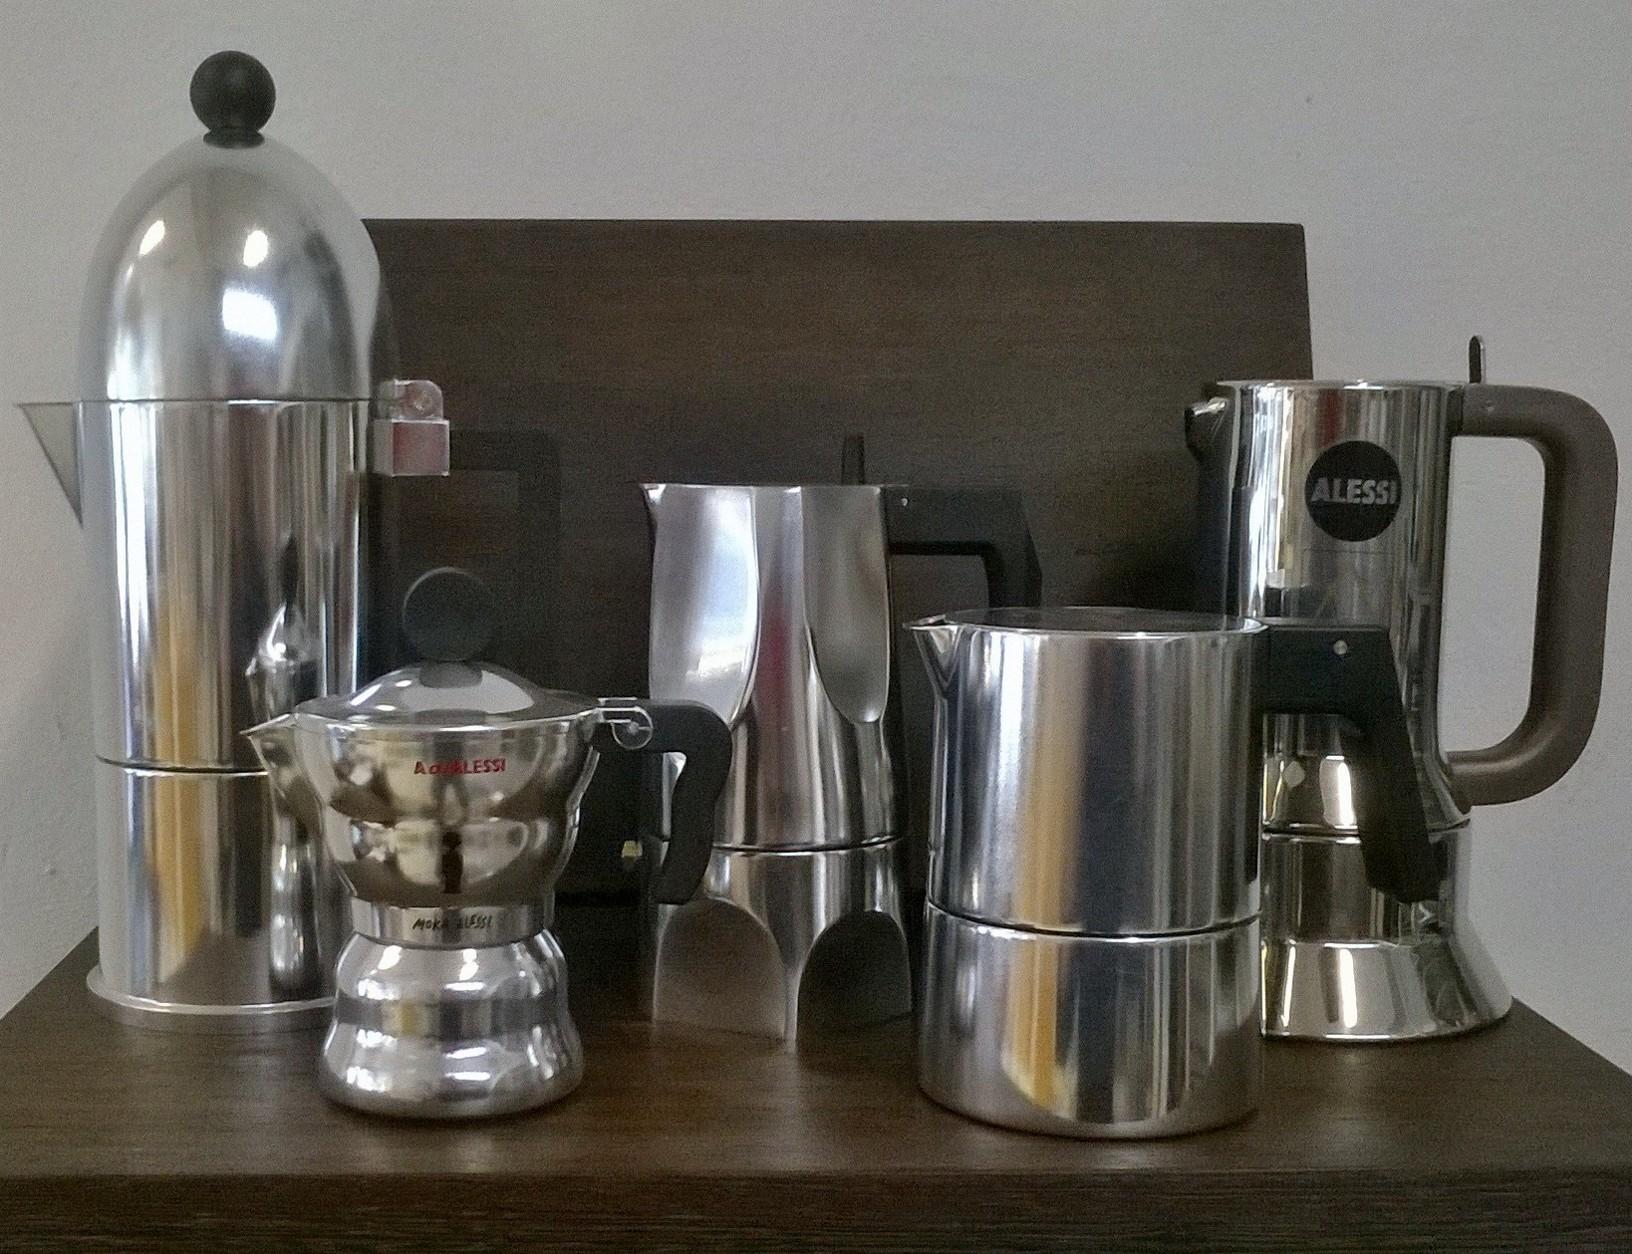 Espressokanne, Moka, Caffettiera. Bezeichnungen gibt es viele, Qualitäten auch. Die Modelle von Alessi sind nicht nur schön, sondern auch technisch vom Feinsten.